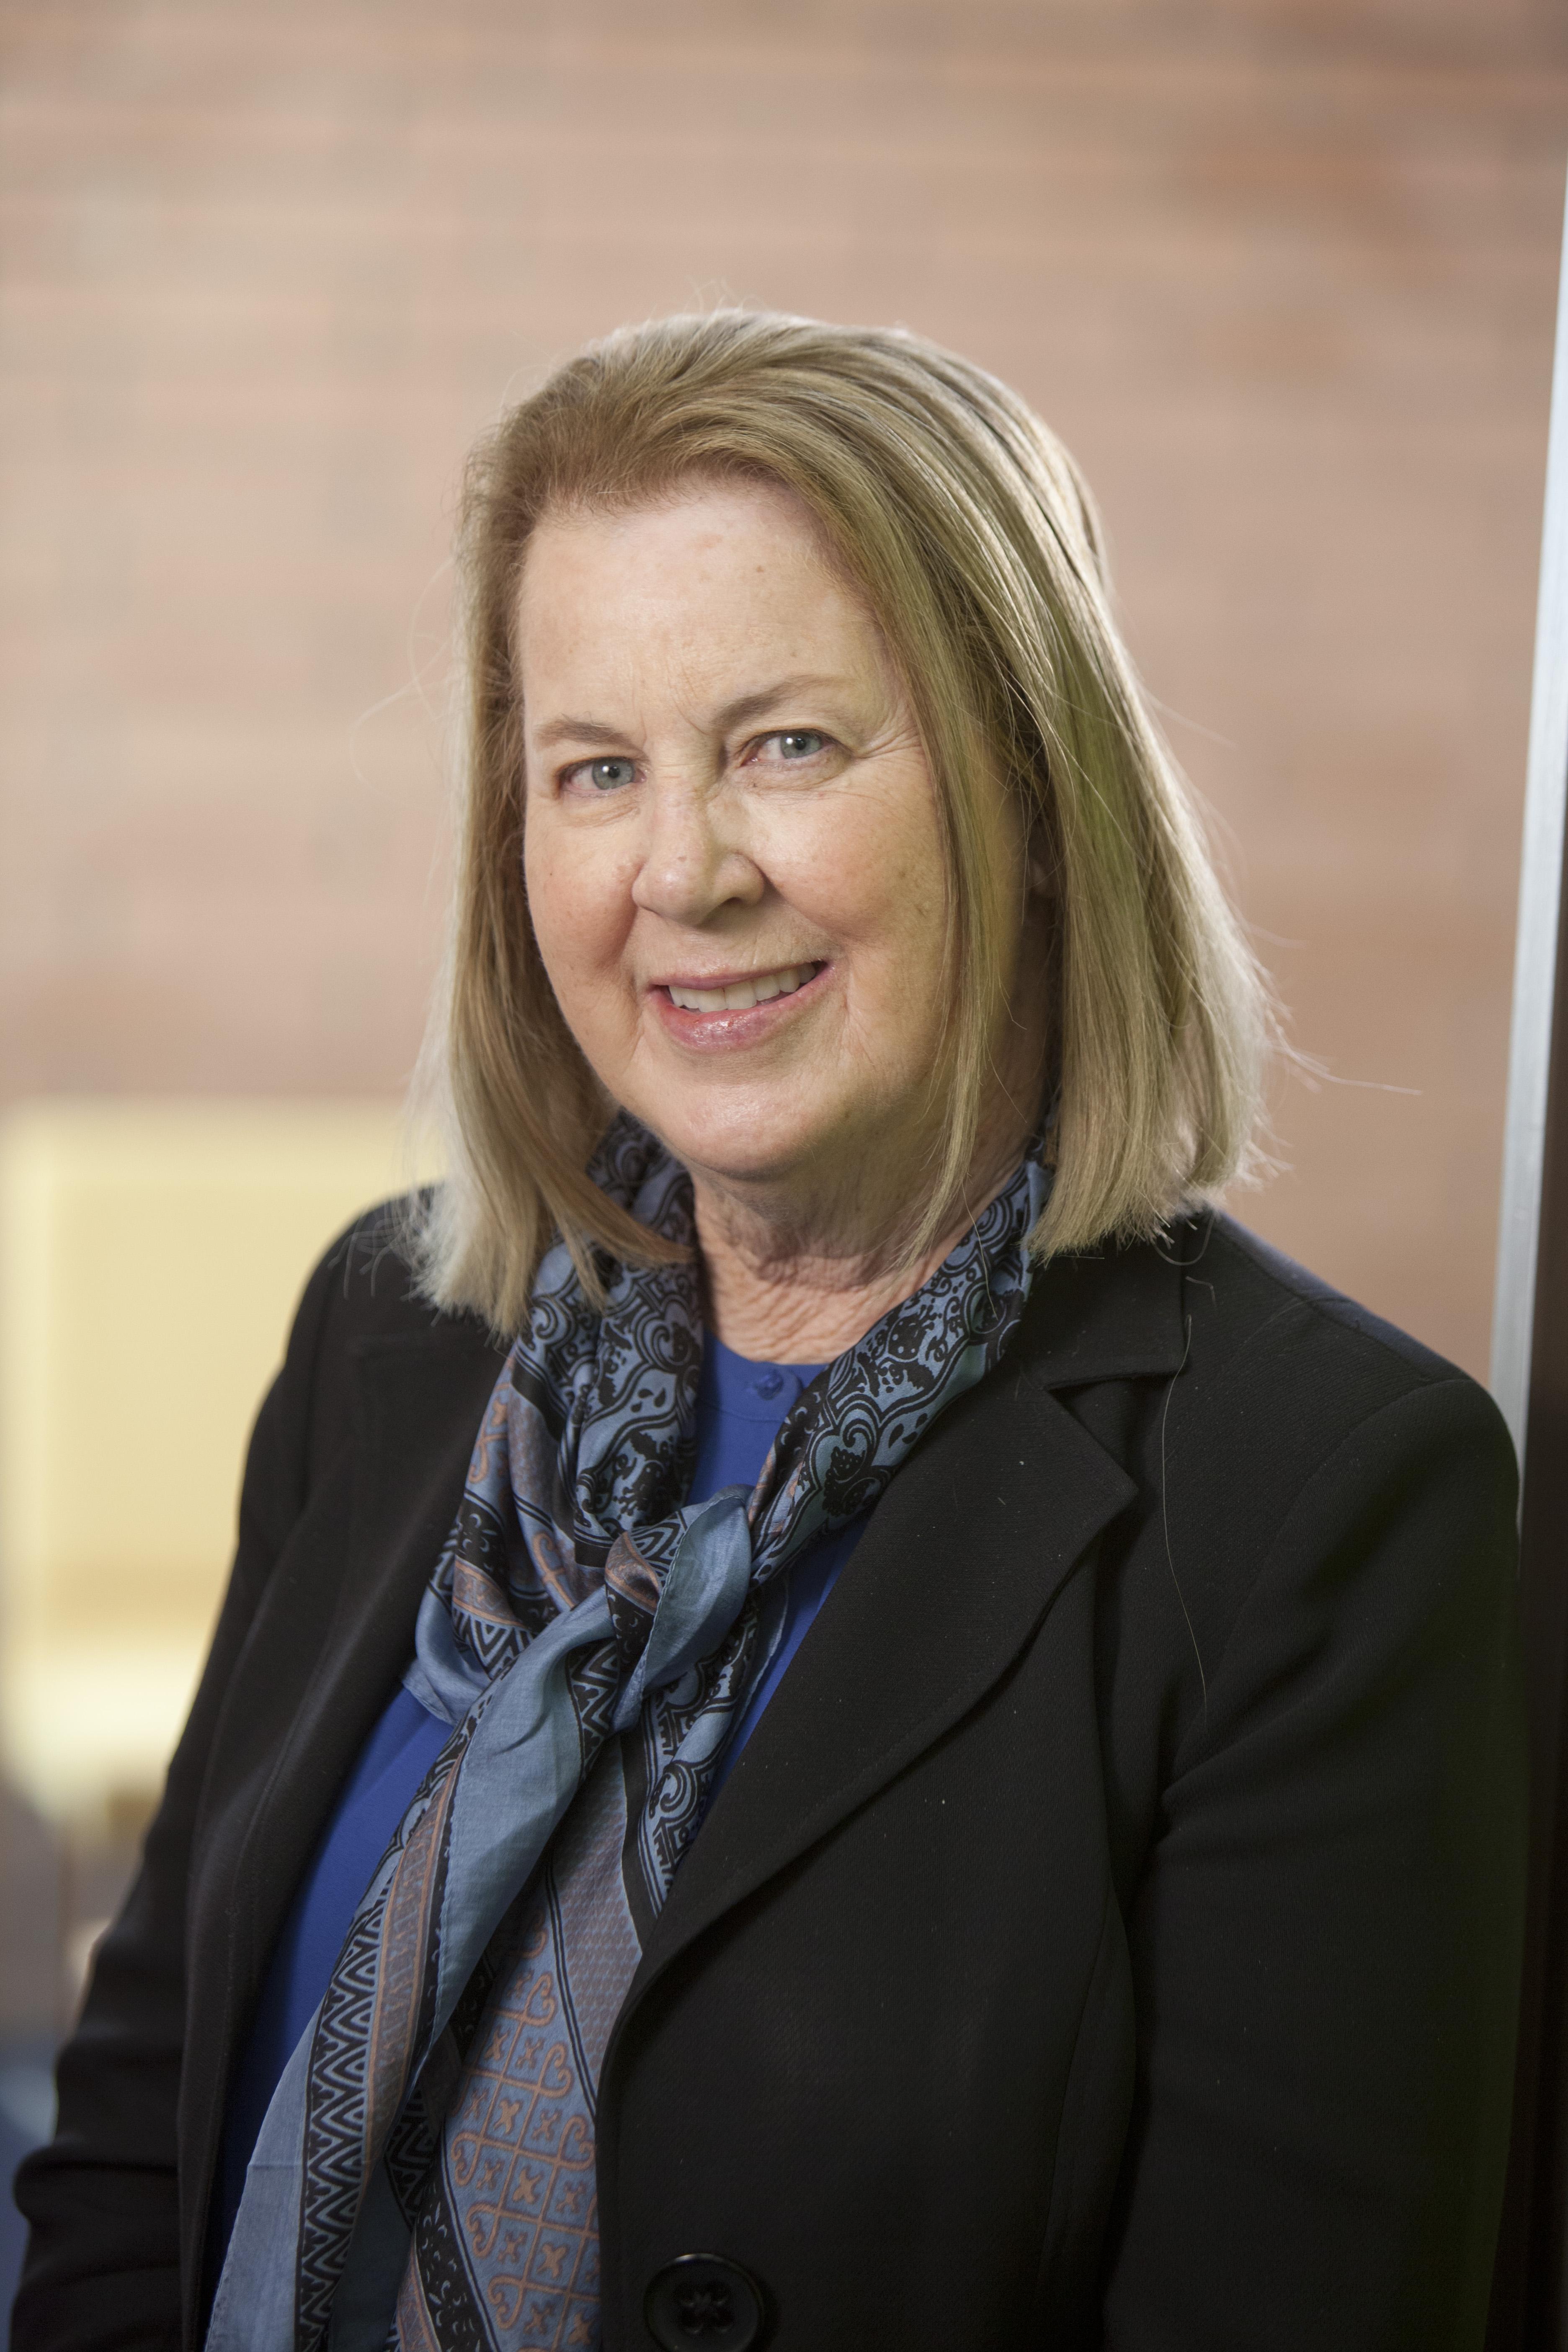 Eileen Crimmins